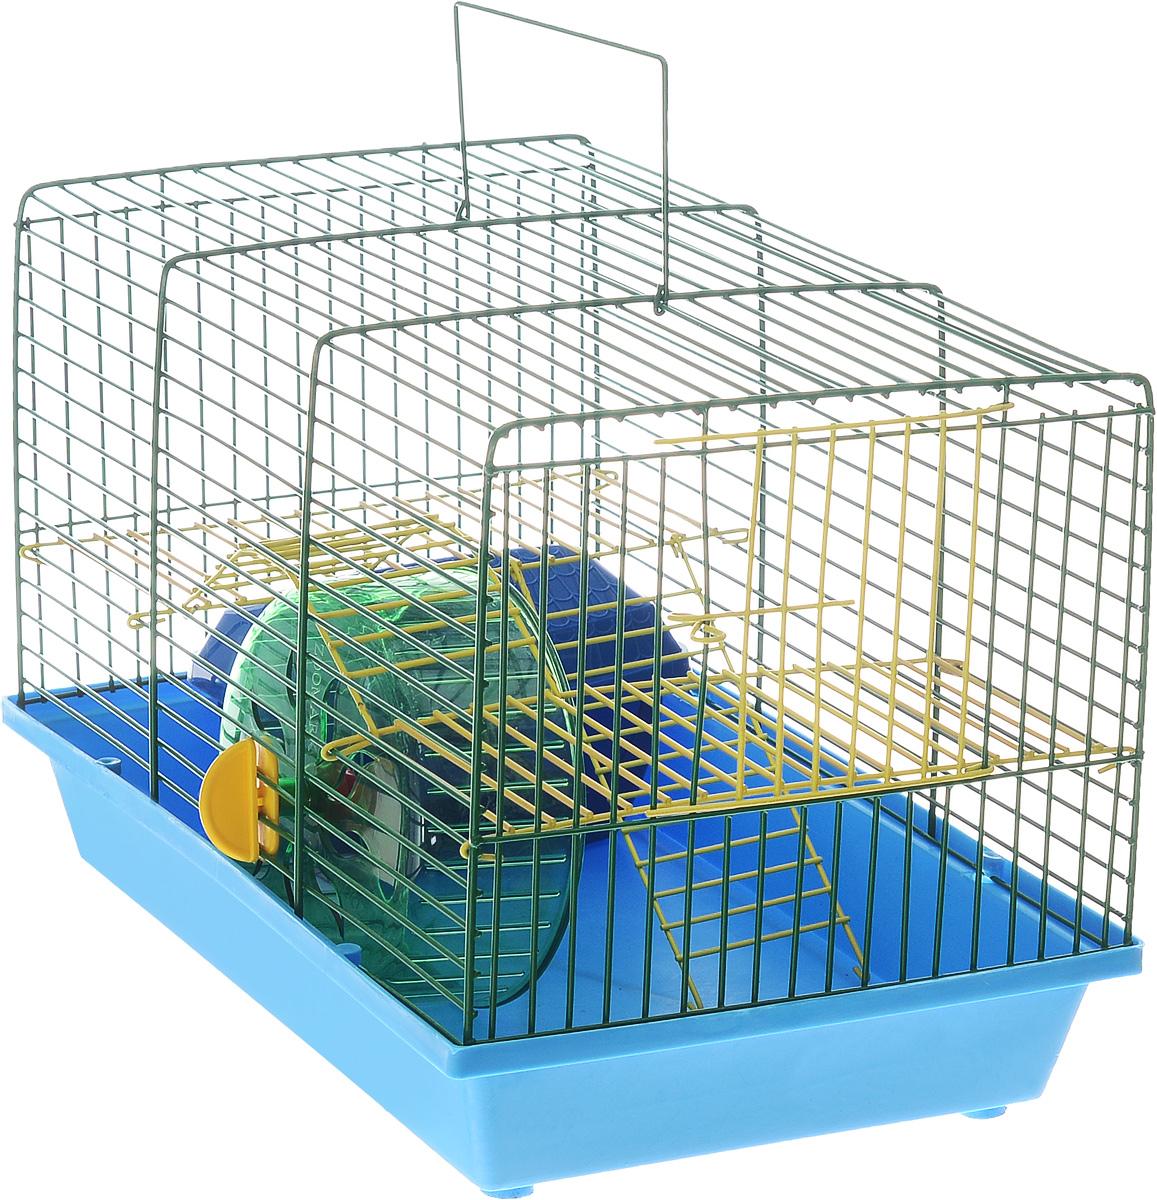 Клетка для грызунов Зоомарк Венеция, 2-этажная, цвет: синий поддон, зеленая решетка, 36 х 23 х 24 см145кСЗКлетка Зоомарк Венеция, выполненная из полипропилена и металла, подходит для мелких грызунов. Изделие двухэтажное, оборудовано колесом для подвижных игр и пластиковым домиком. Клетка имеет яркий поддон, удобна в использовании и легко чистится. Сверху имеется ручка для переноски. Такая клетка станет уединенным личным пространством и уютным домиком для маленького грызуна.